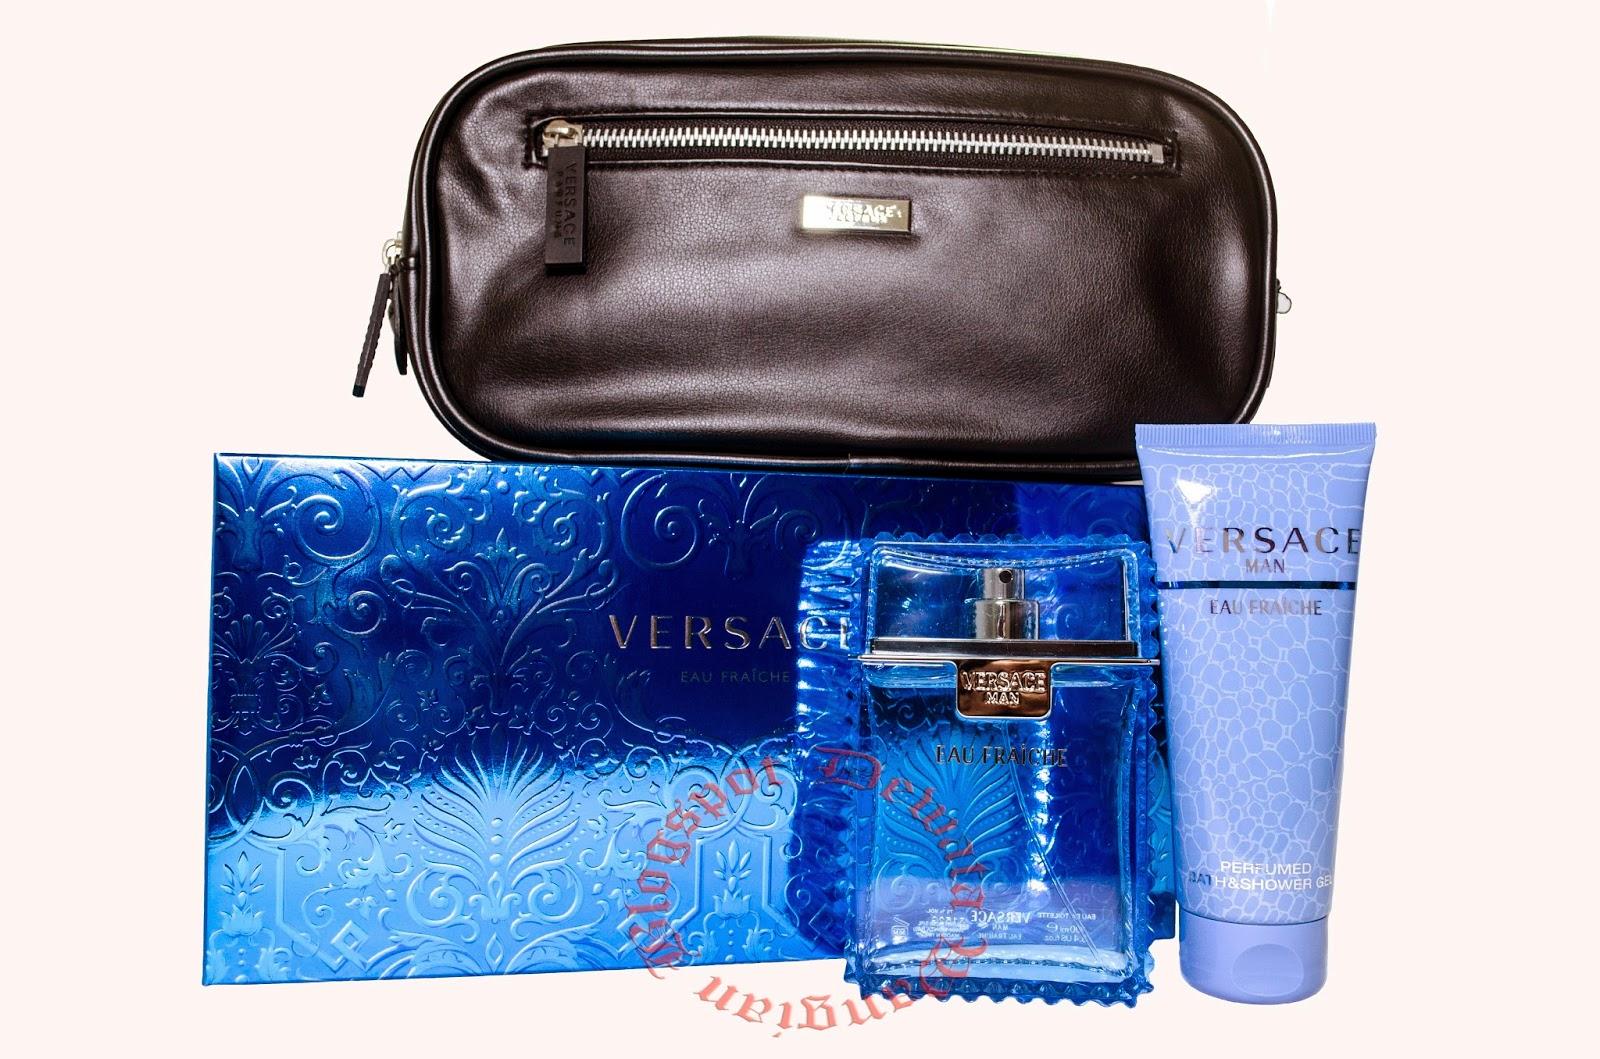 Versace Eau Fraiche Gift Set 8662b32e3f809